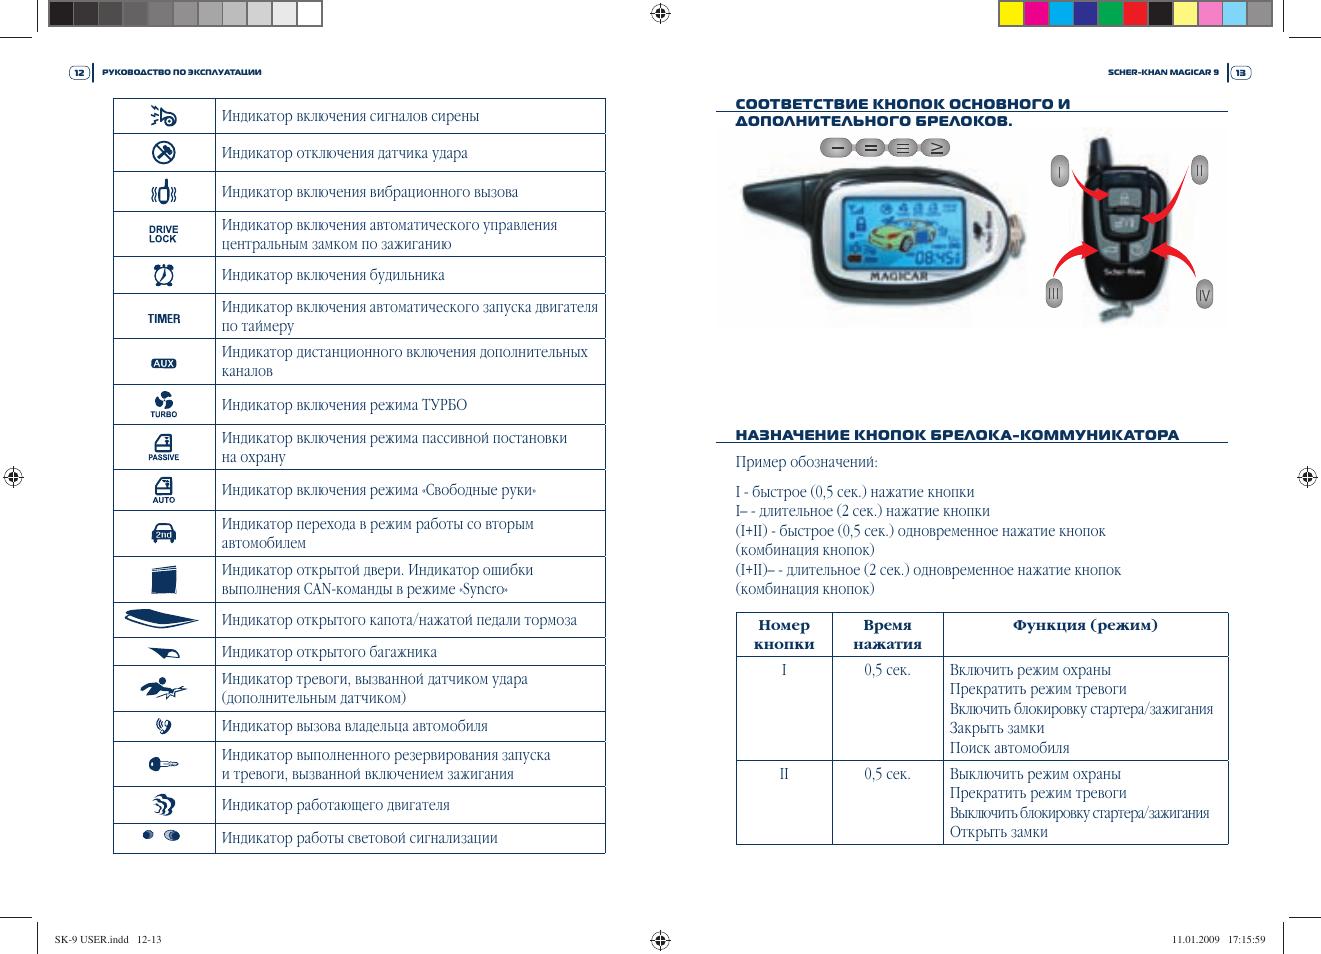 сигнализация шерхан магикар 10 инструкция автозапуск